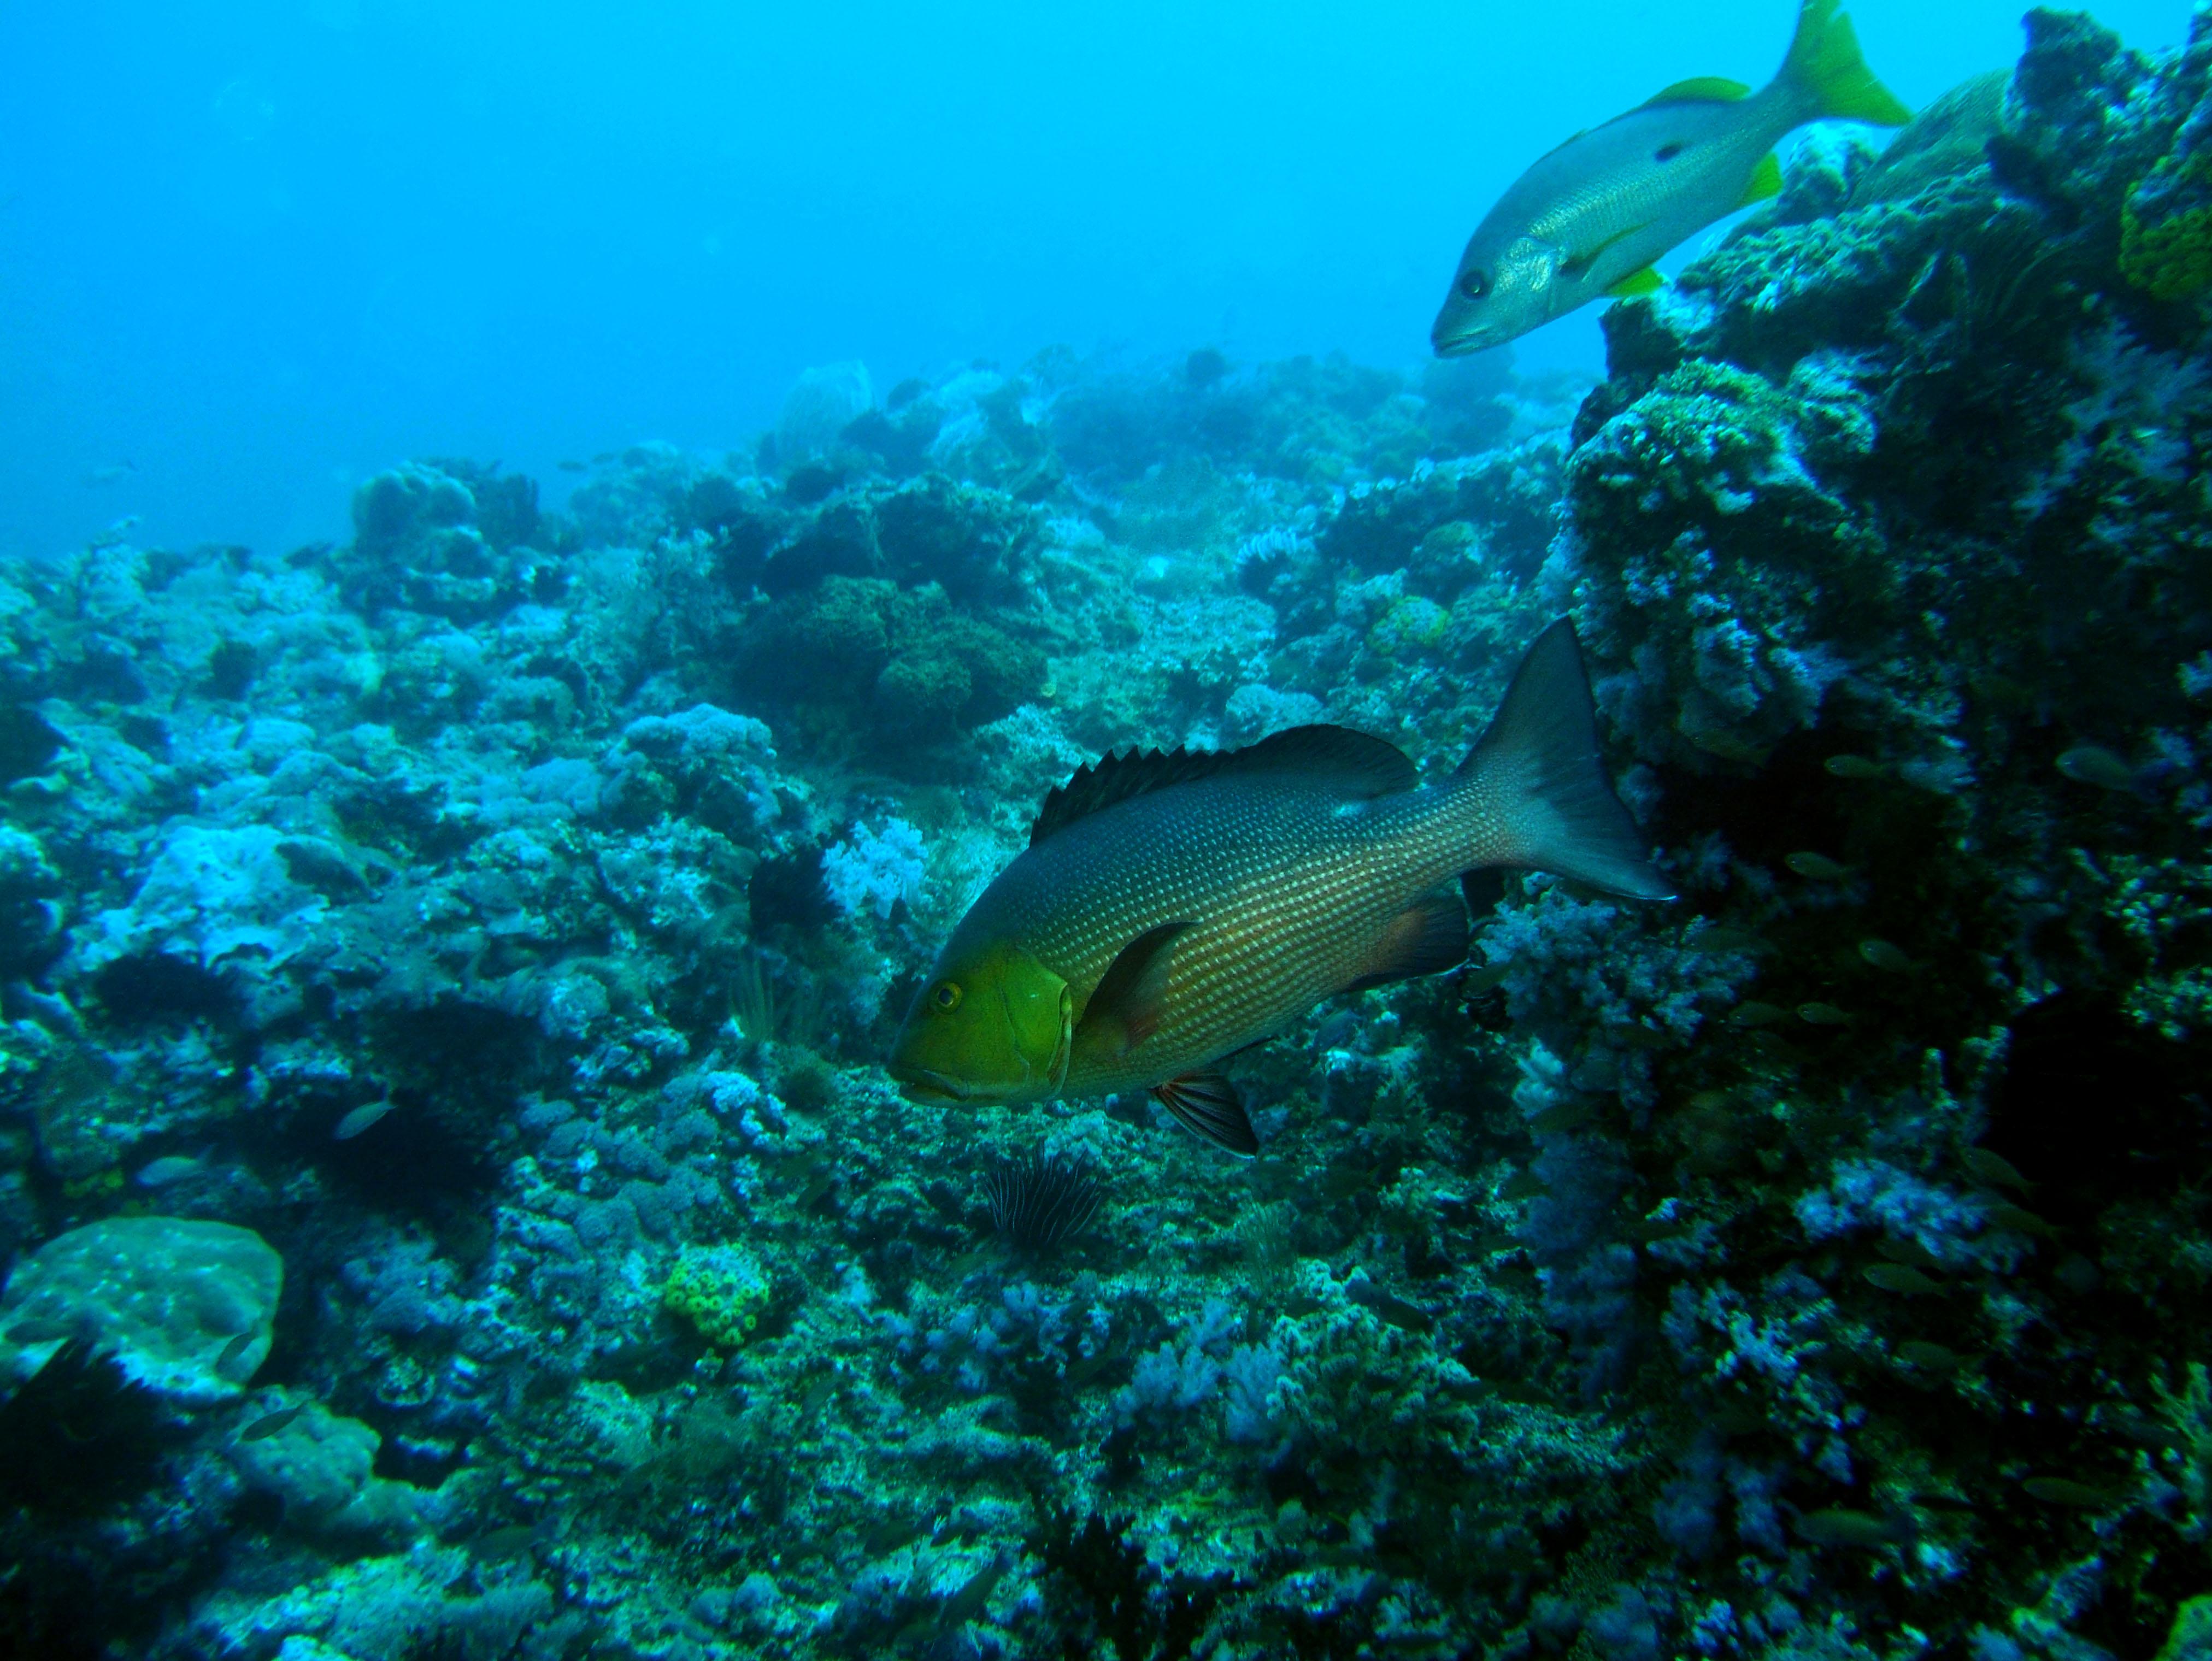 Dive 18 Philippines Mindoro Sabang Canyons Nov 2005 01